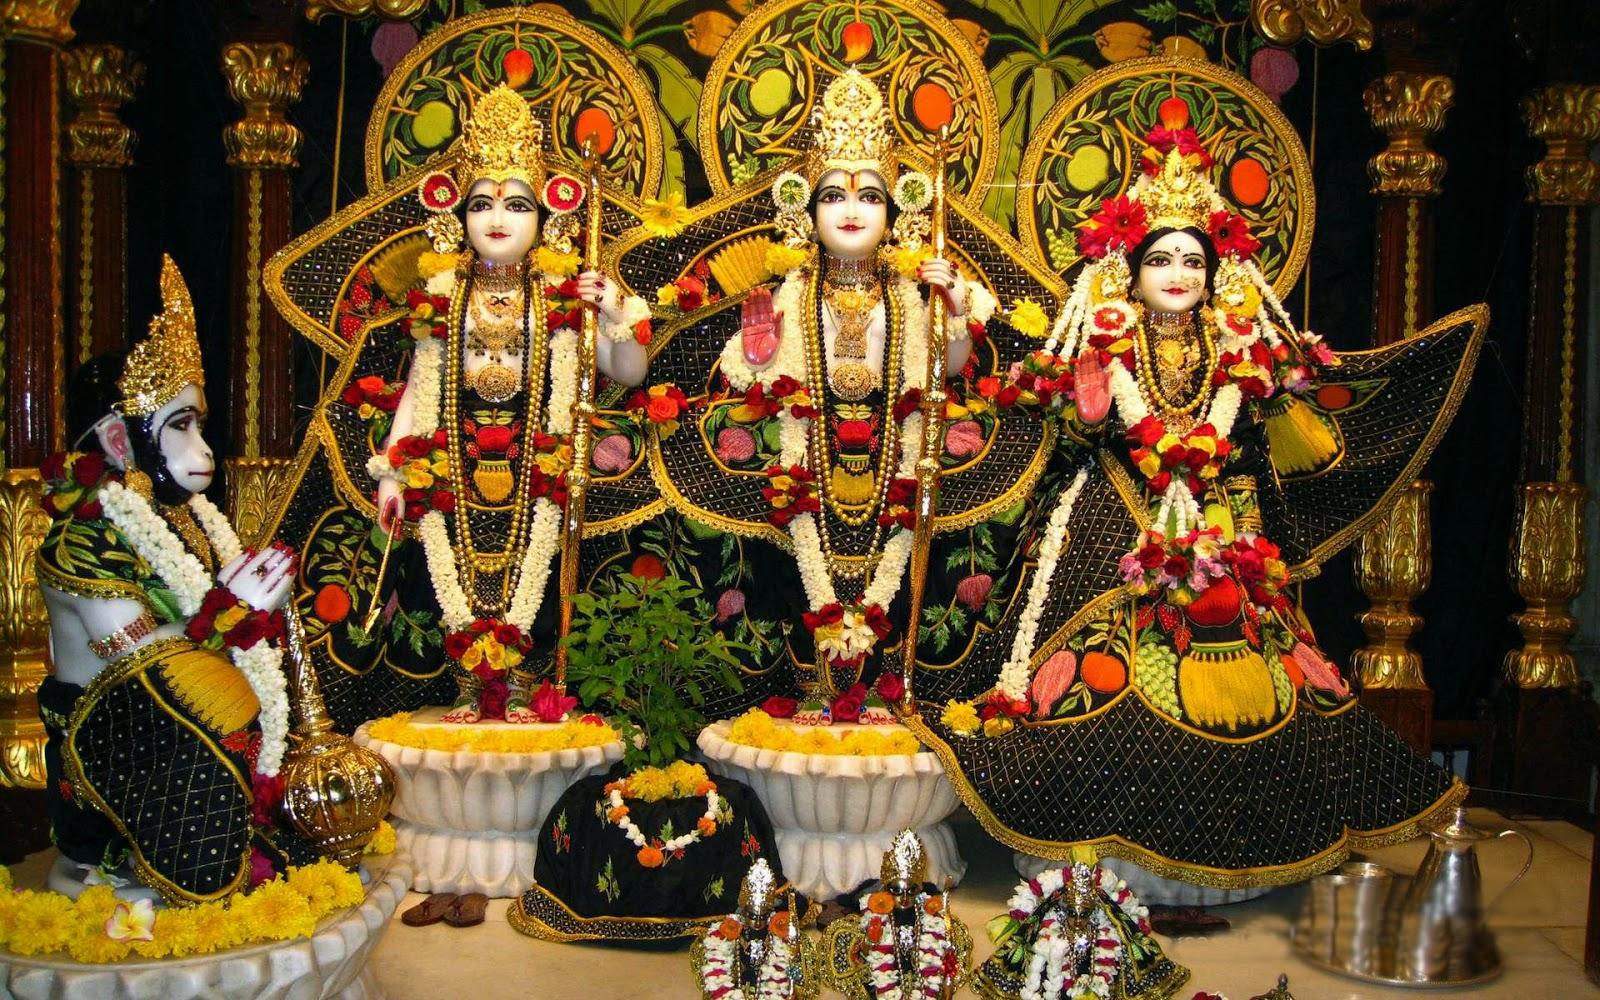 Must see Wallpaper Lord Ram Darbar - 59171_Sri-Sita-Rama-Laxman-Hanuman-Wallpaper-007-Size-1920-1200_1920x1200  Gallery_707989.jpg